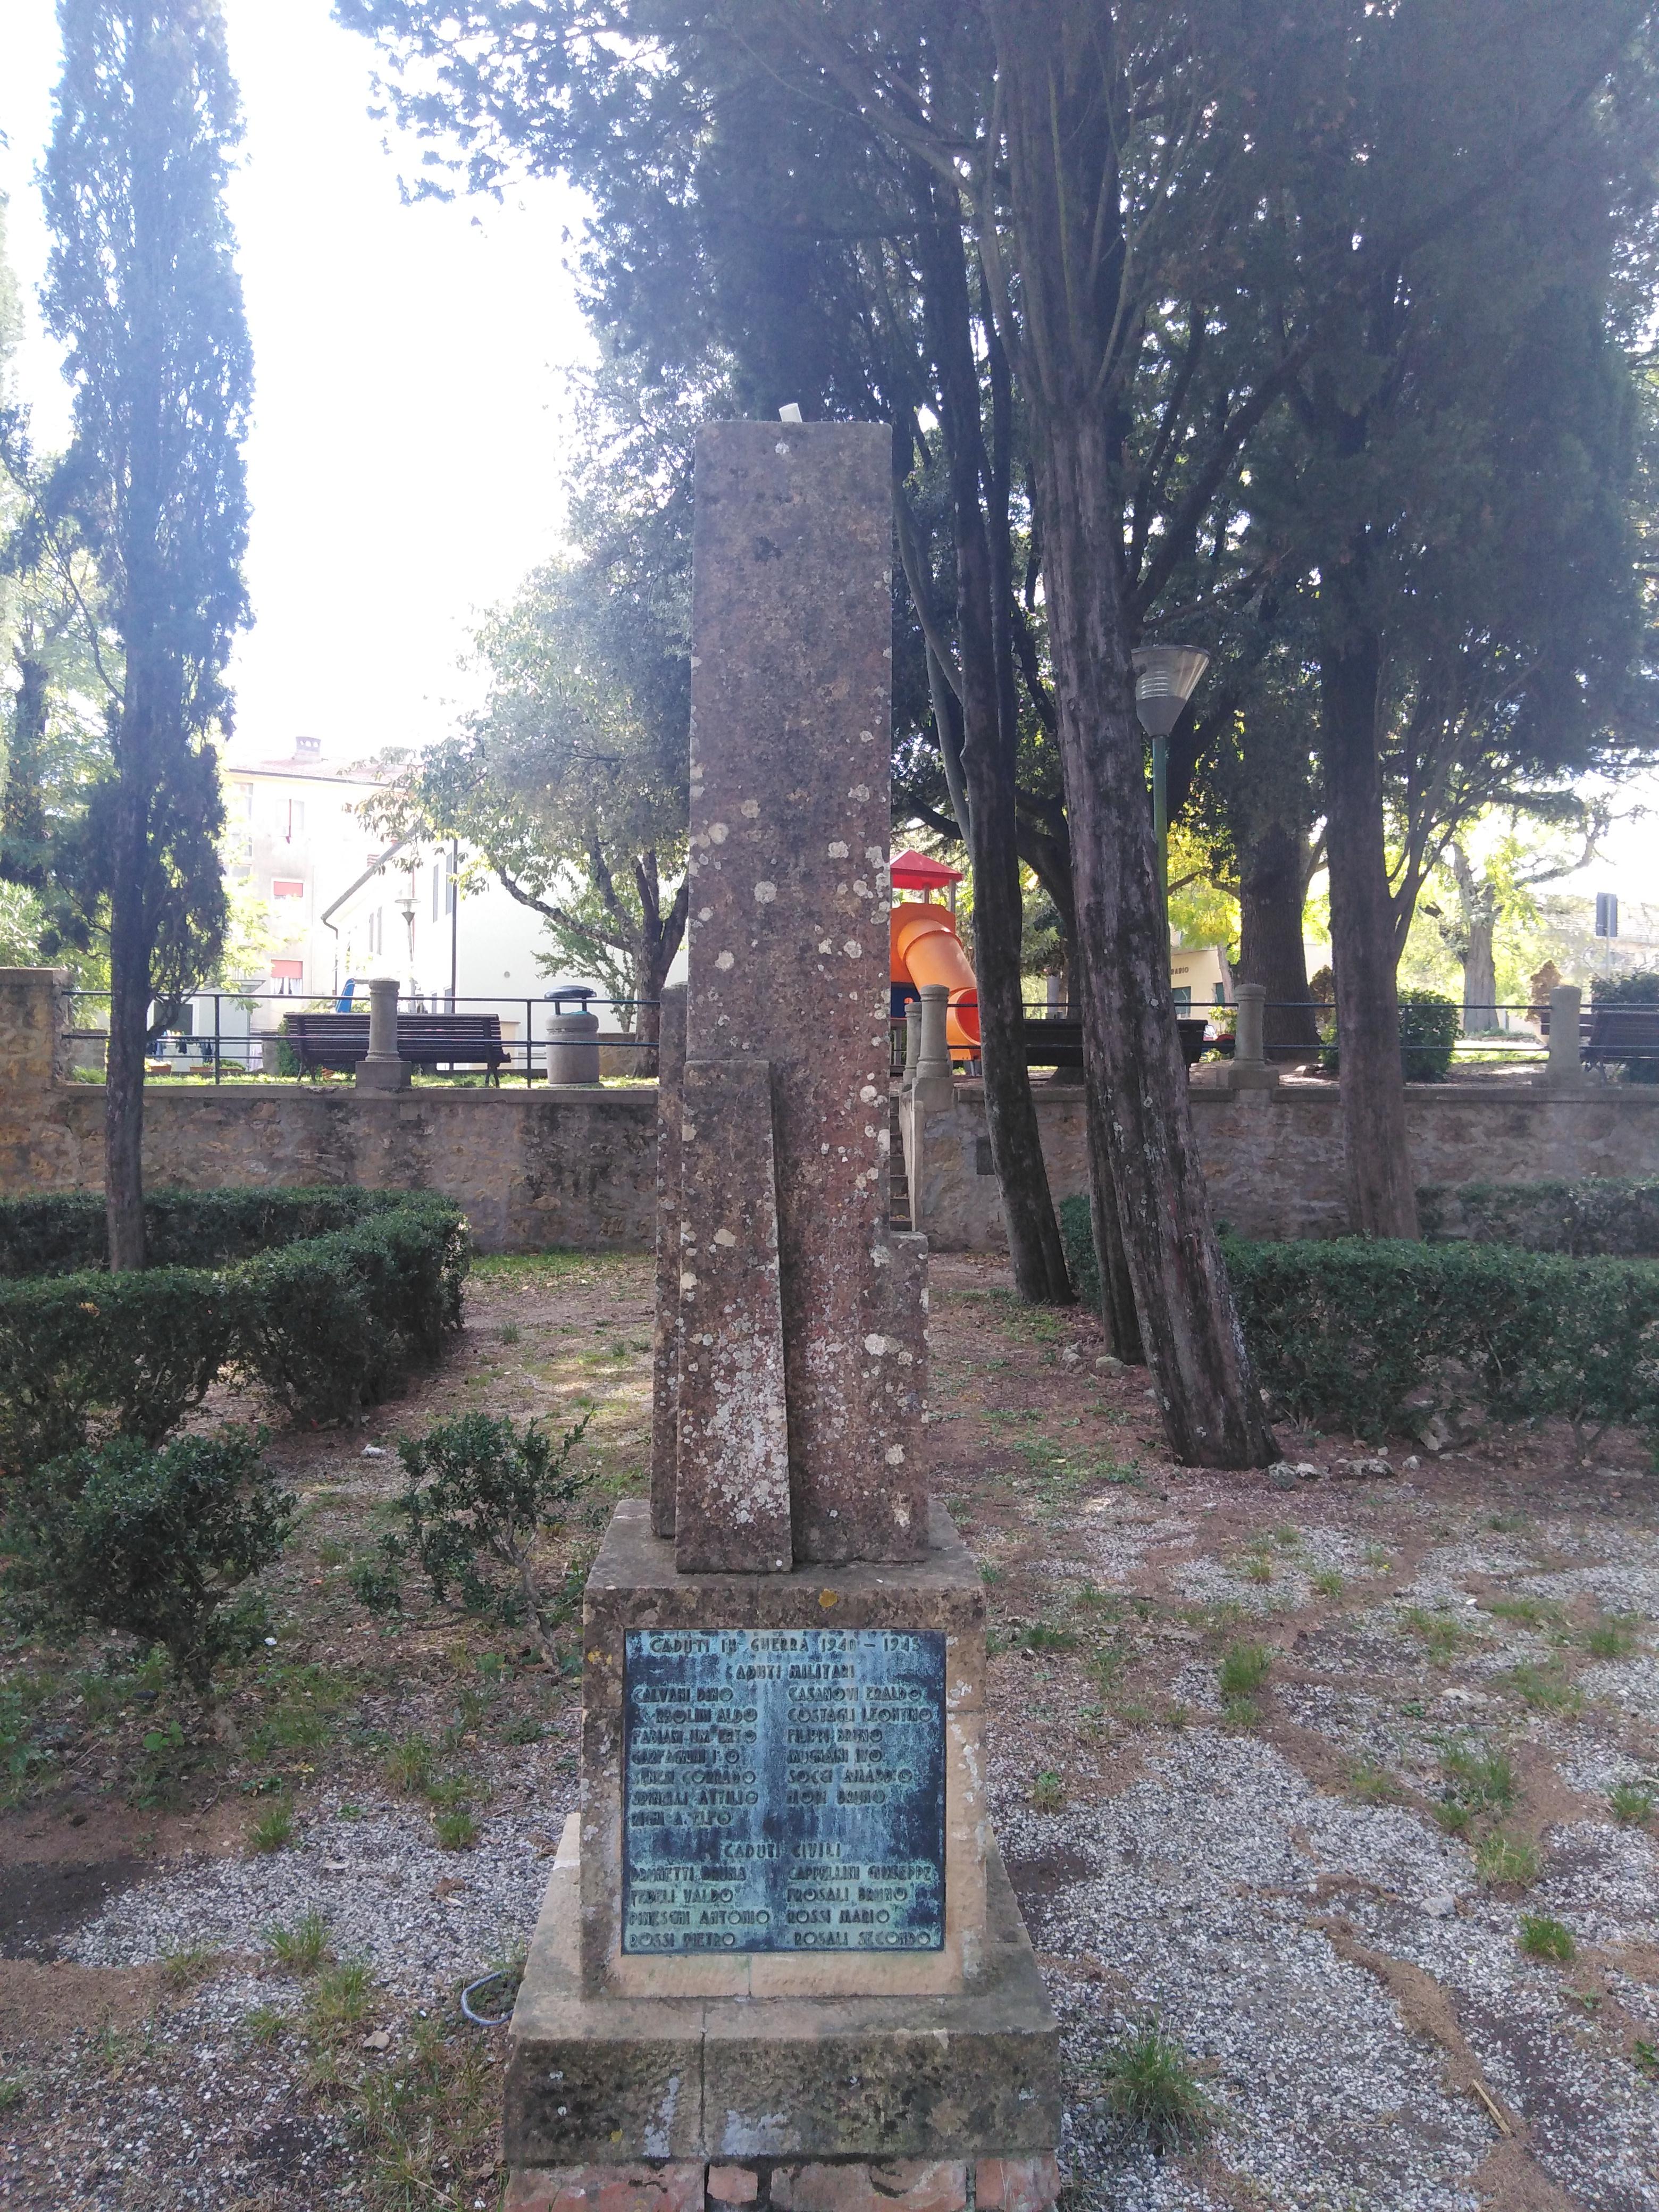 monumento ai caduti - a cippo - ambito toscano (prima metà sec. XX)